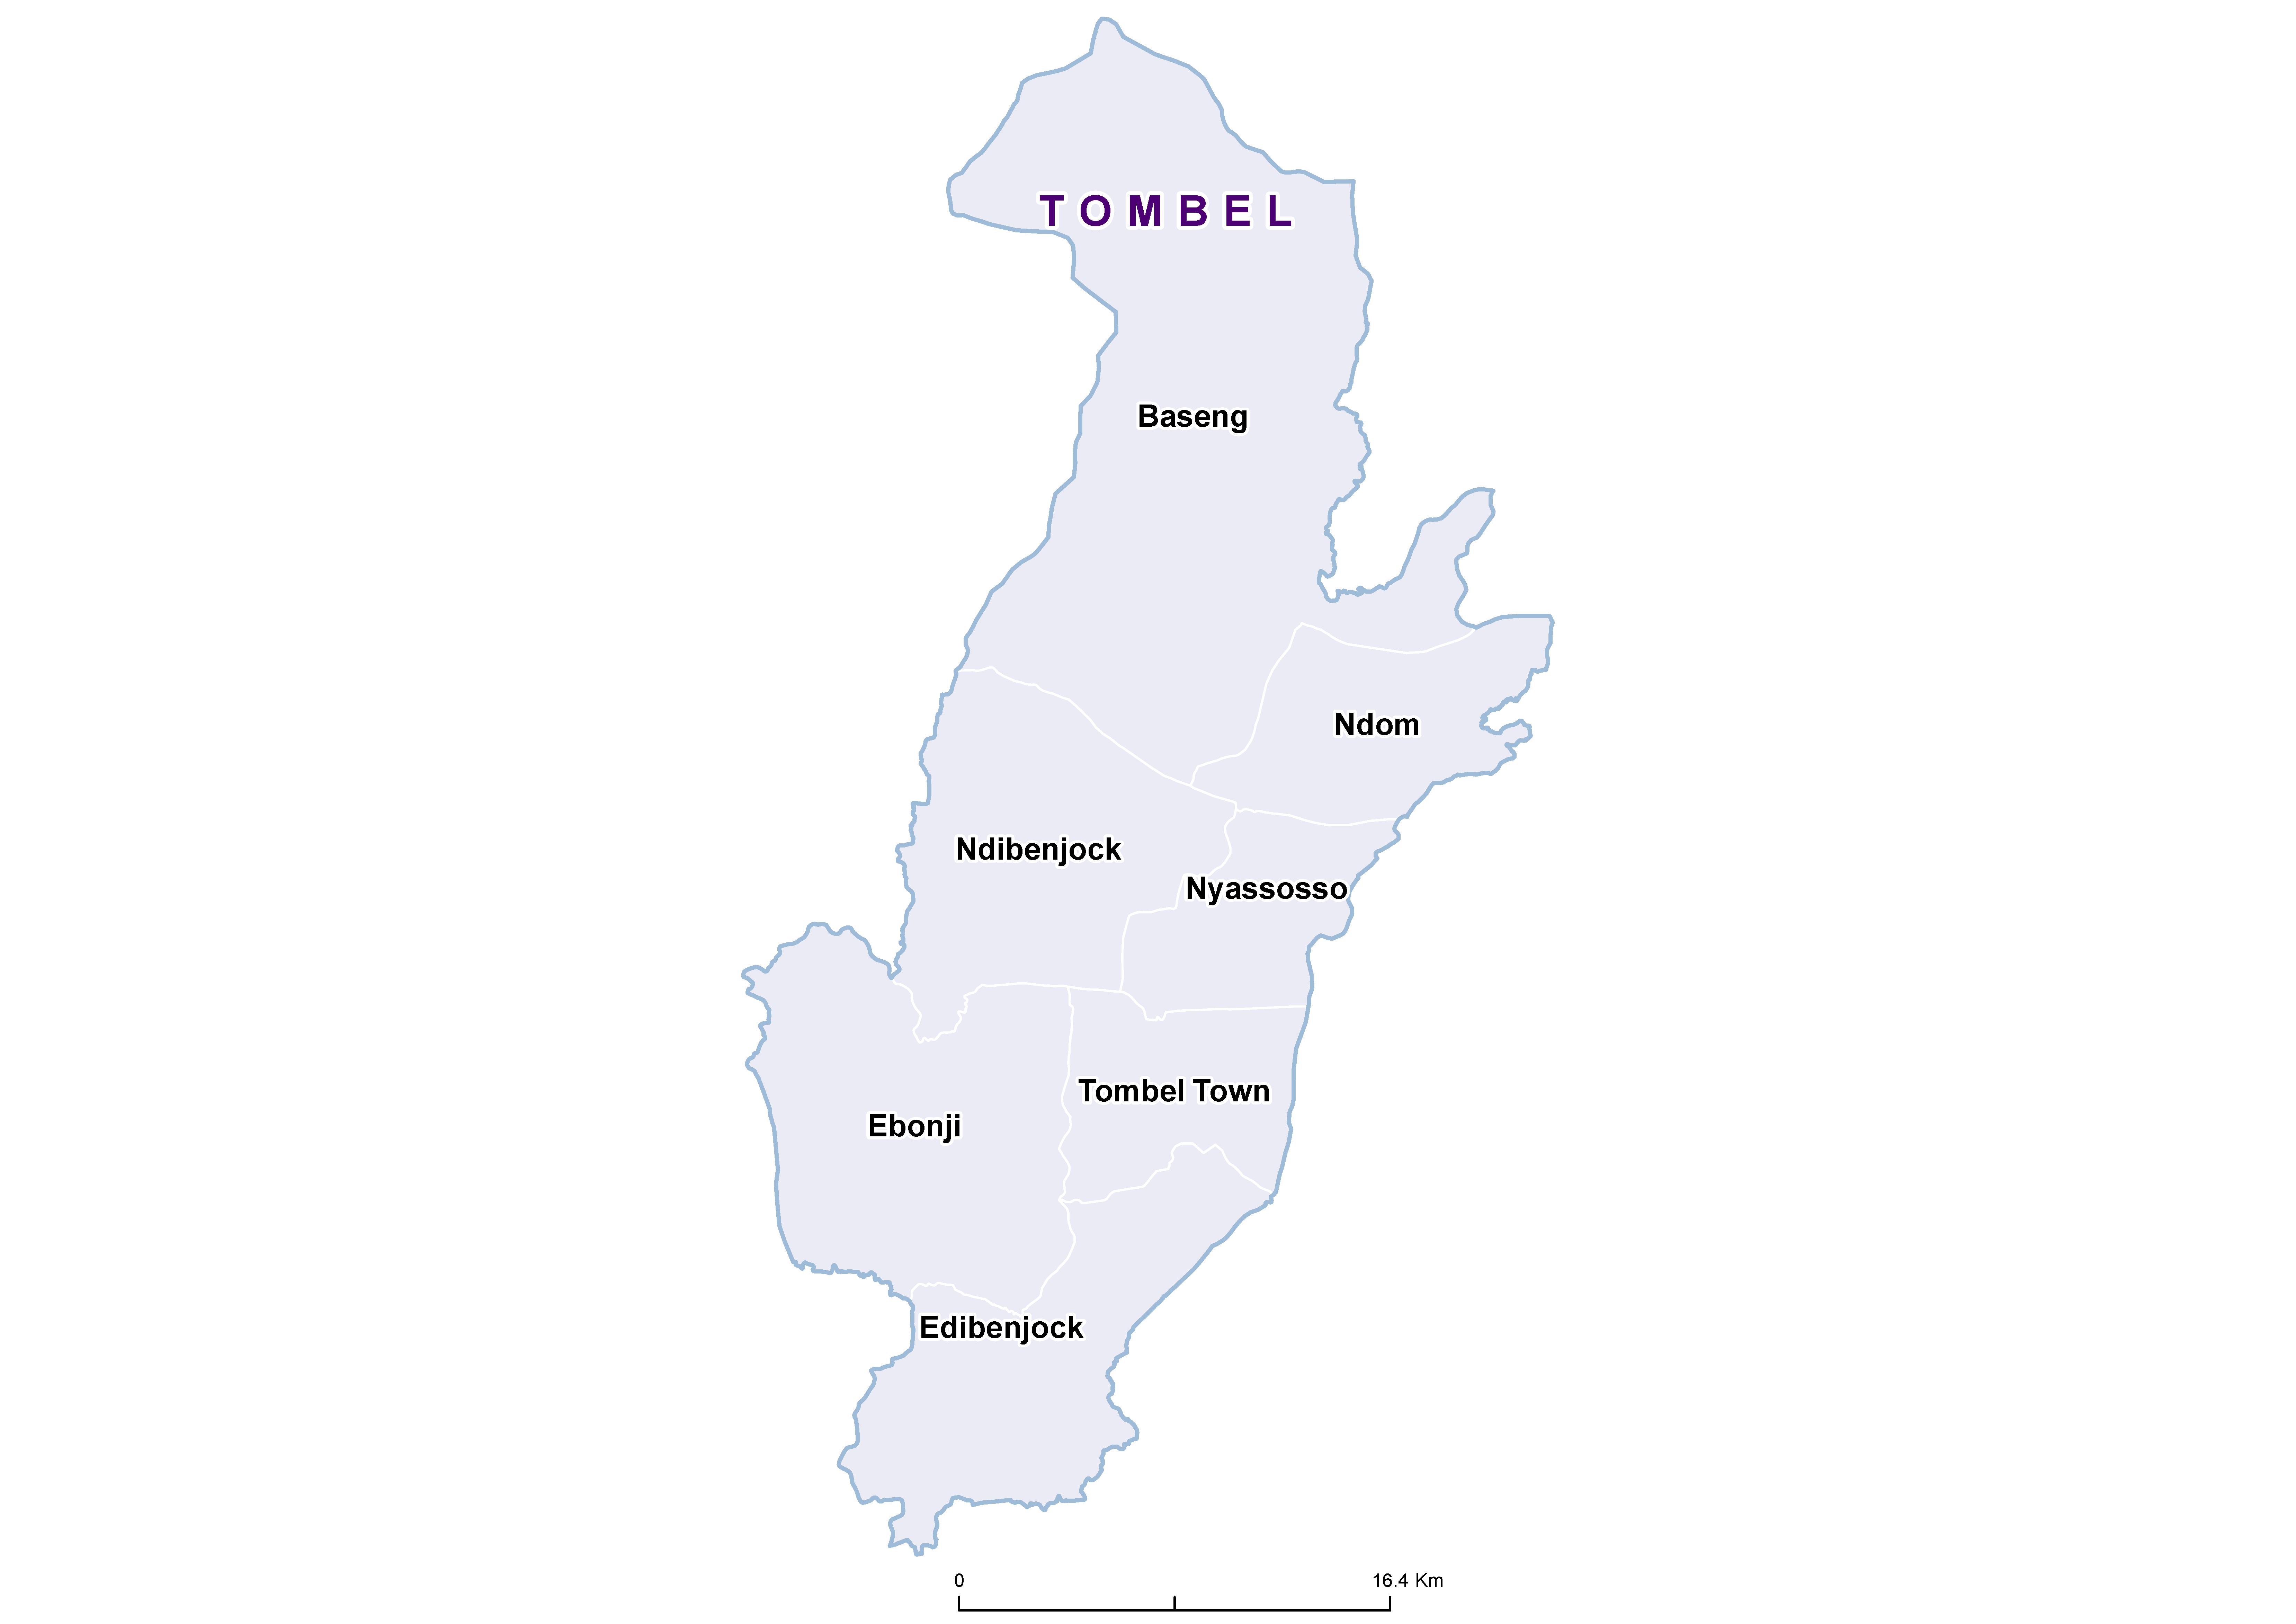 Tombel STH 19850001